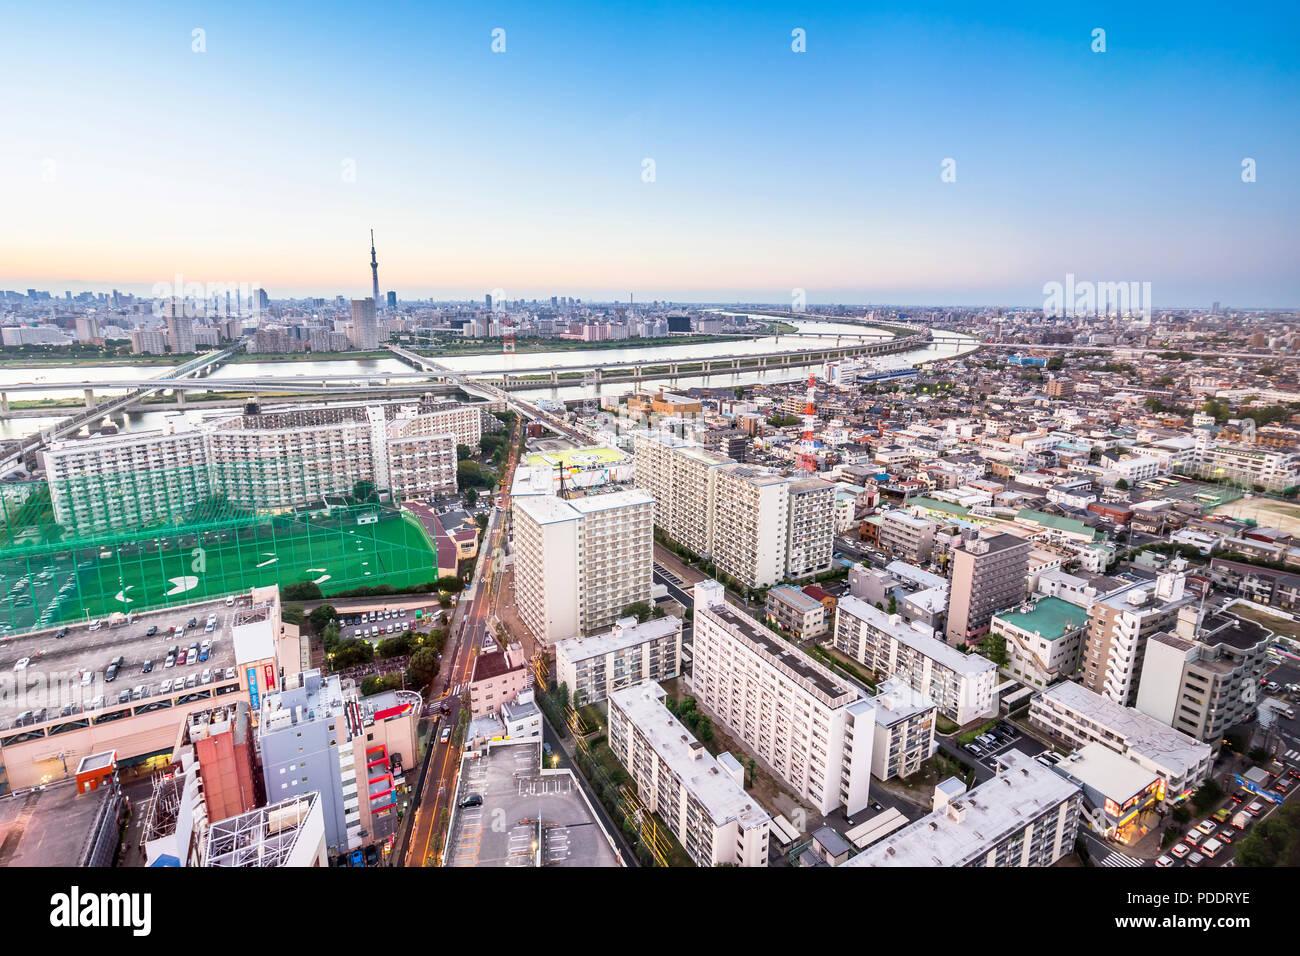 Business e cultura - concetto moderno panoramiche dello skyline della città bird eye vista aerea con tokyo skytree sotto drammatico tramonto illuminano e bella nuvoloso s Immagini Stock